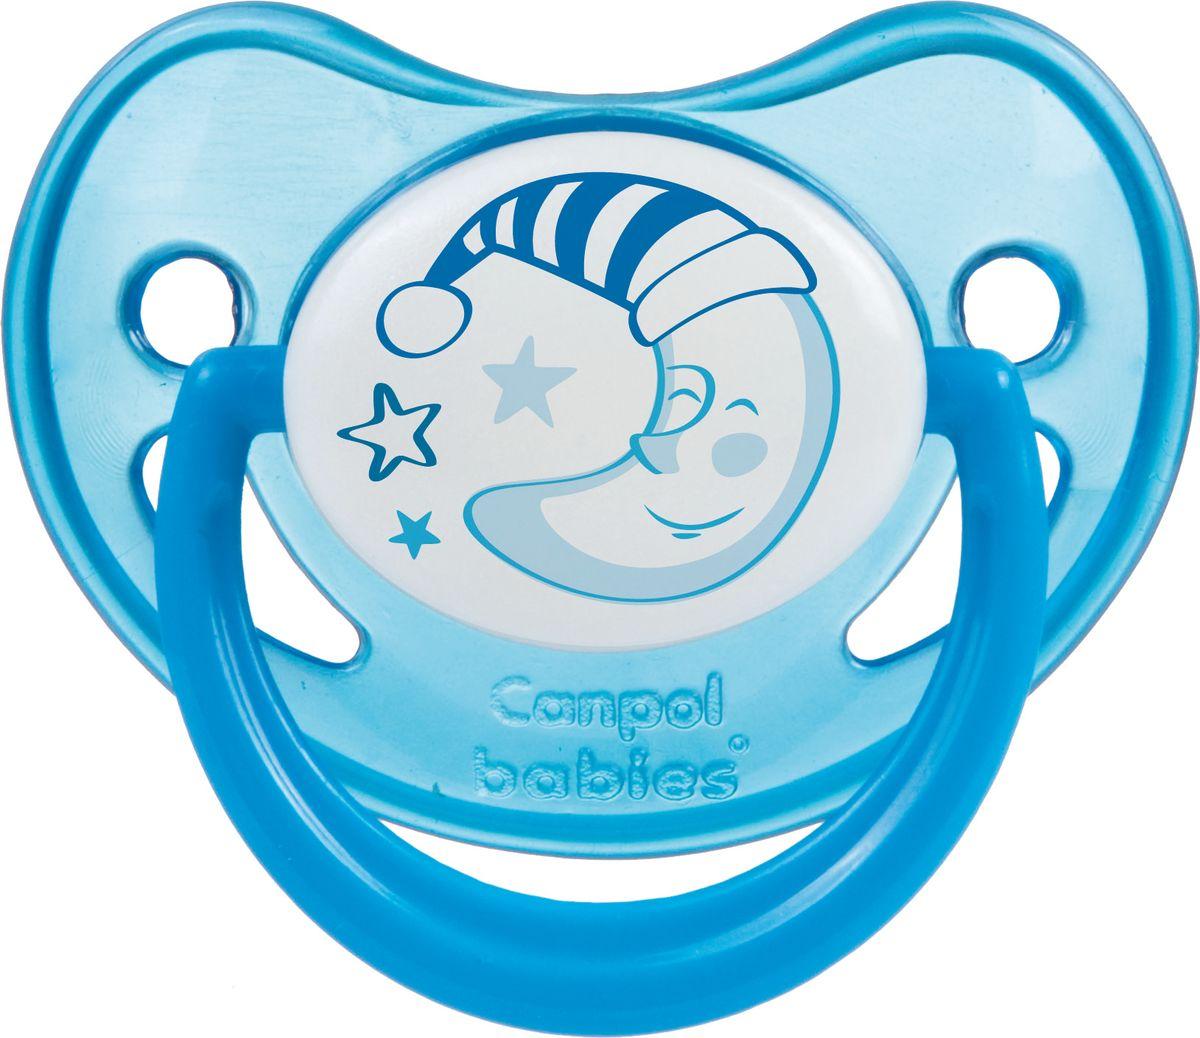 Canpol Babies Пустышка силиконовая Night Dreams от 6 до 18 месяцев цвет синий